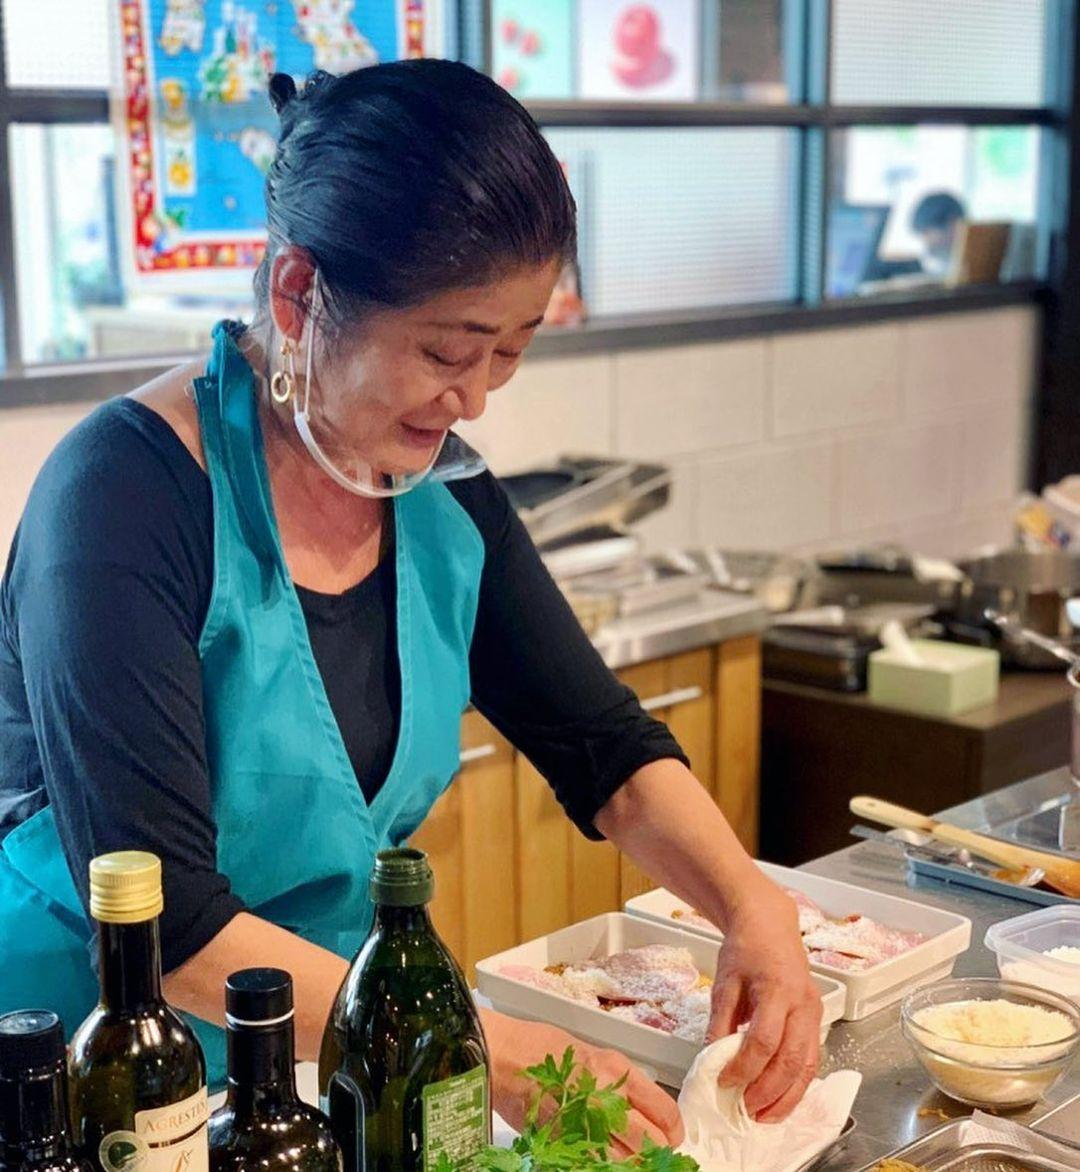 レッスンレポート:長本和子さん「イタリア、マンマの台所」南イタリア、プーリア州の夏料理(2021.06.22)